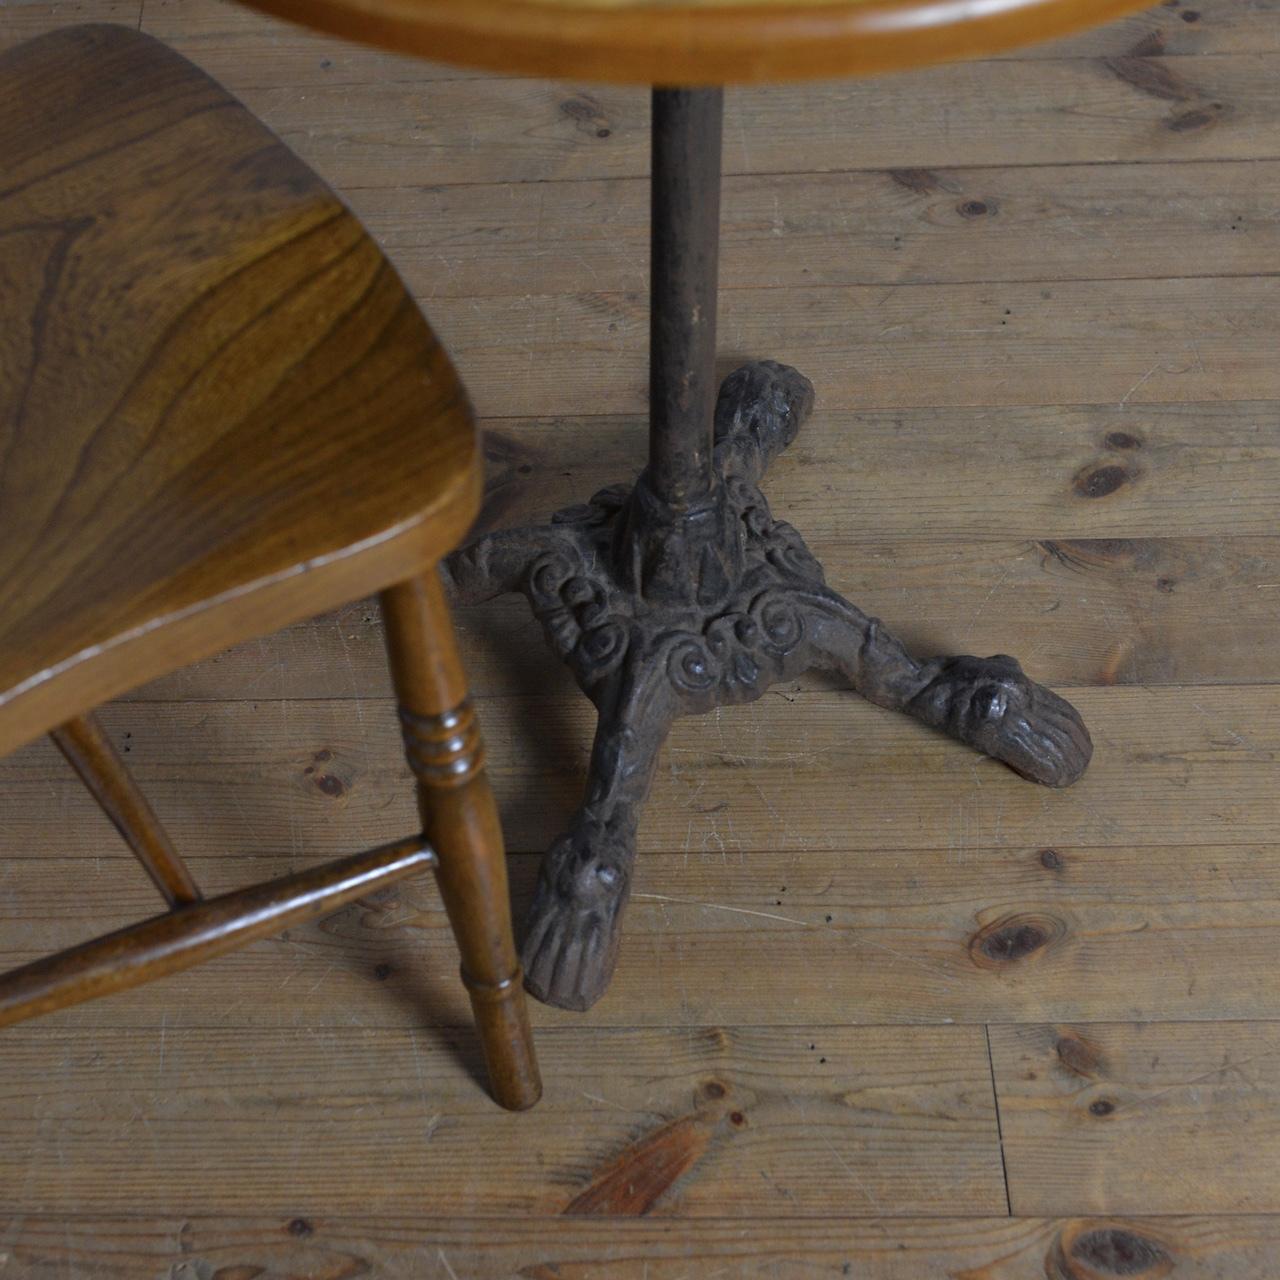 Pub Table / パブ テーブル 〈ダイニングテーブル・カフェテーブル・ティーテーブル〉2806-0282